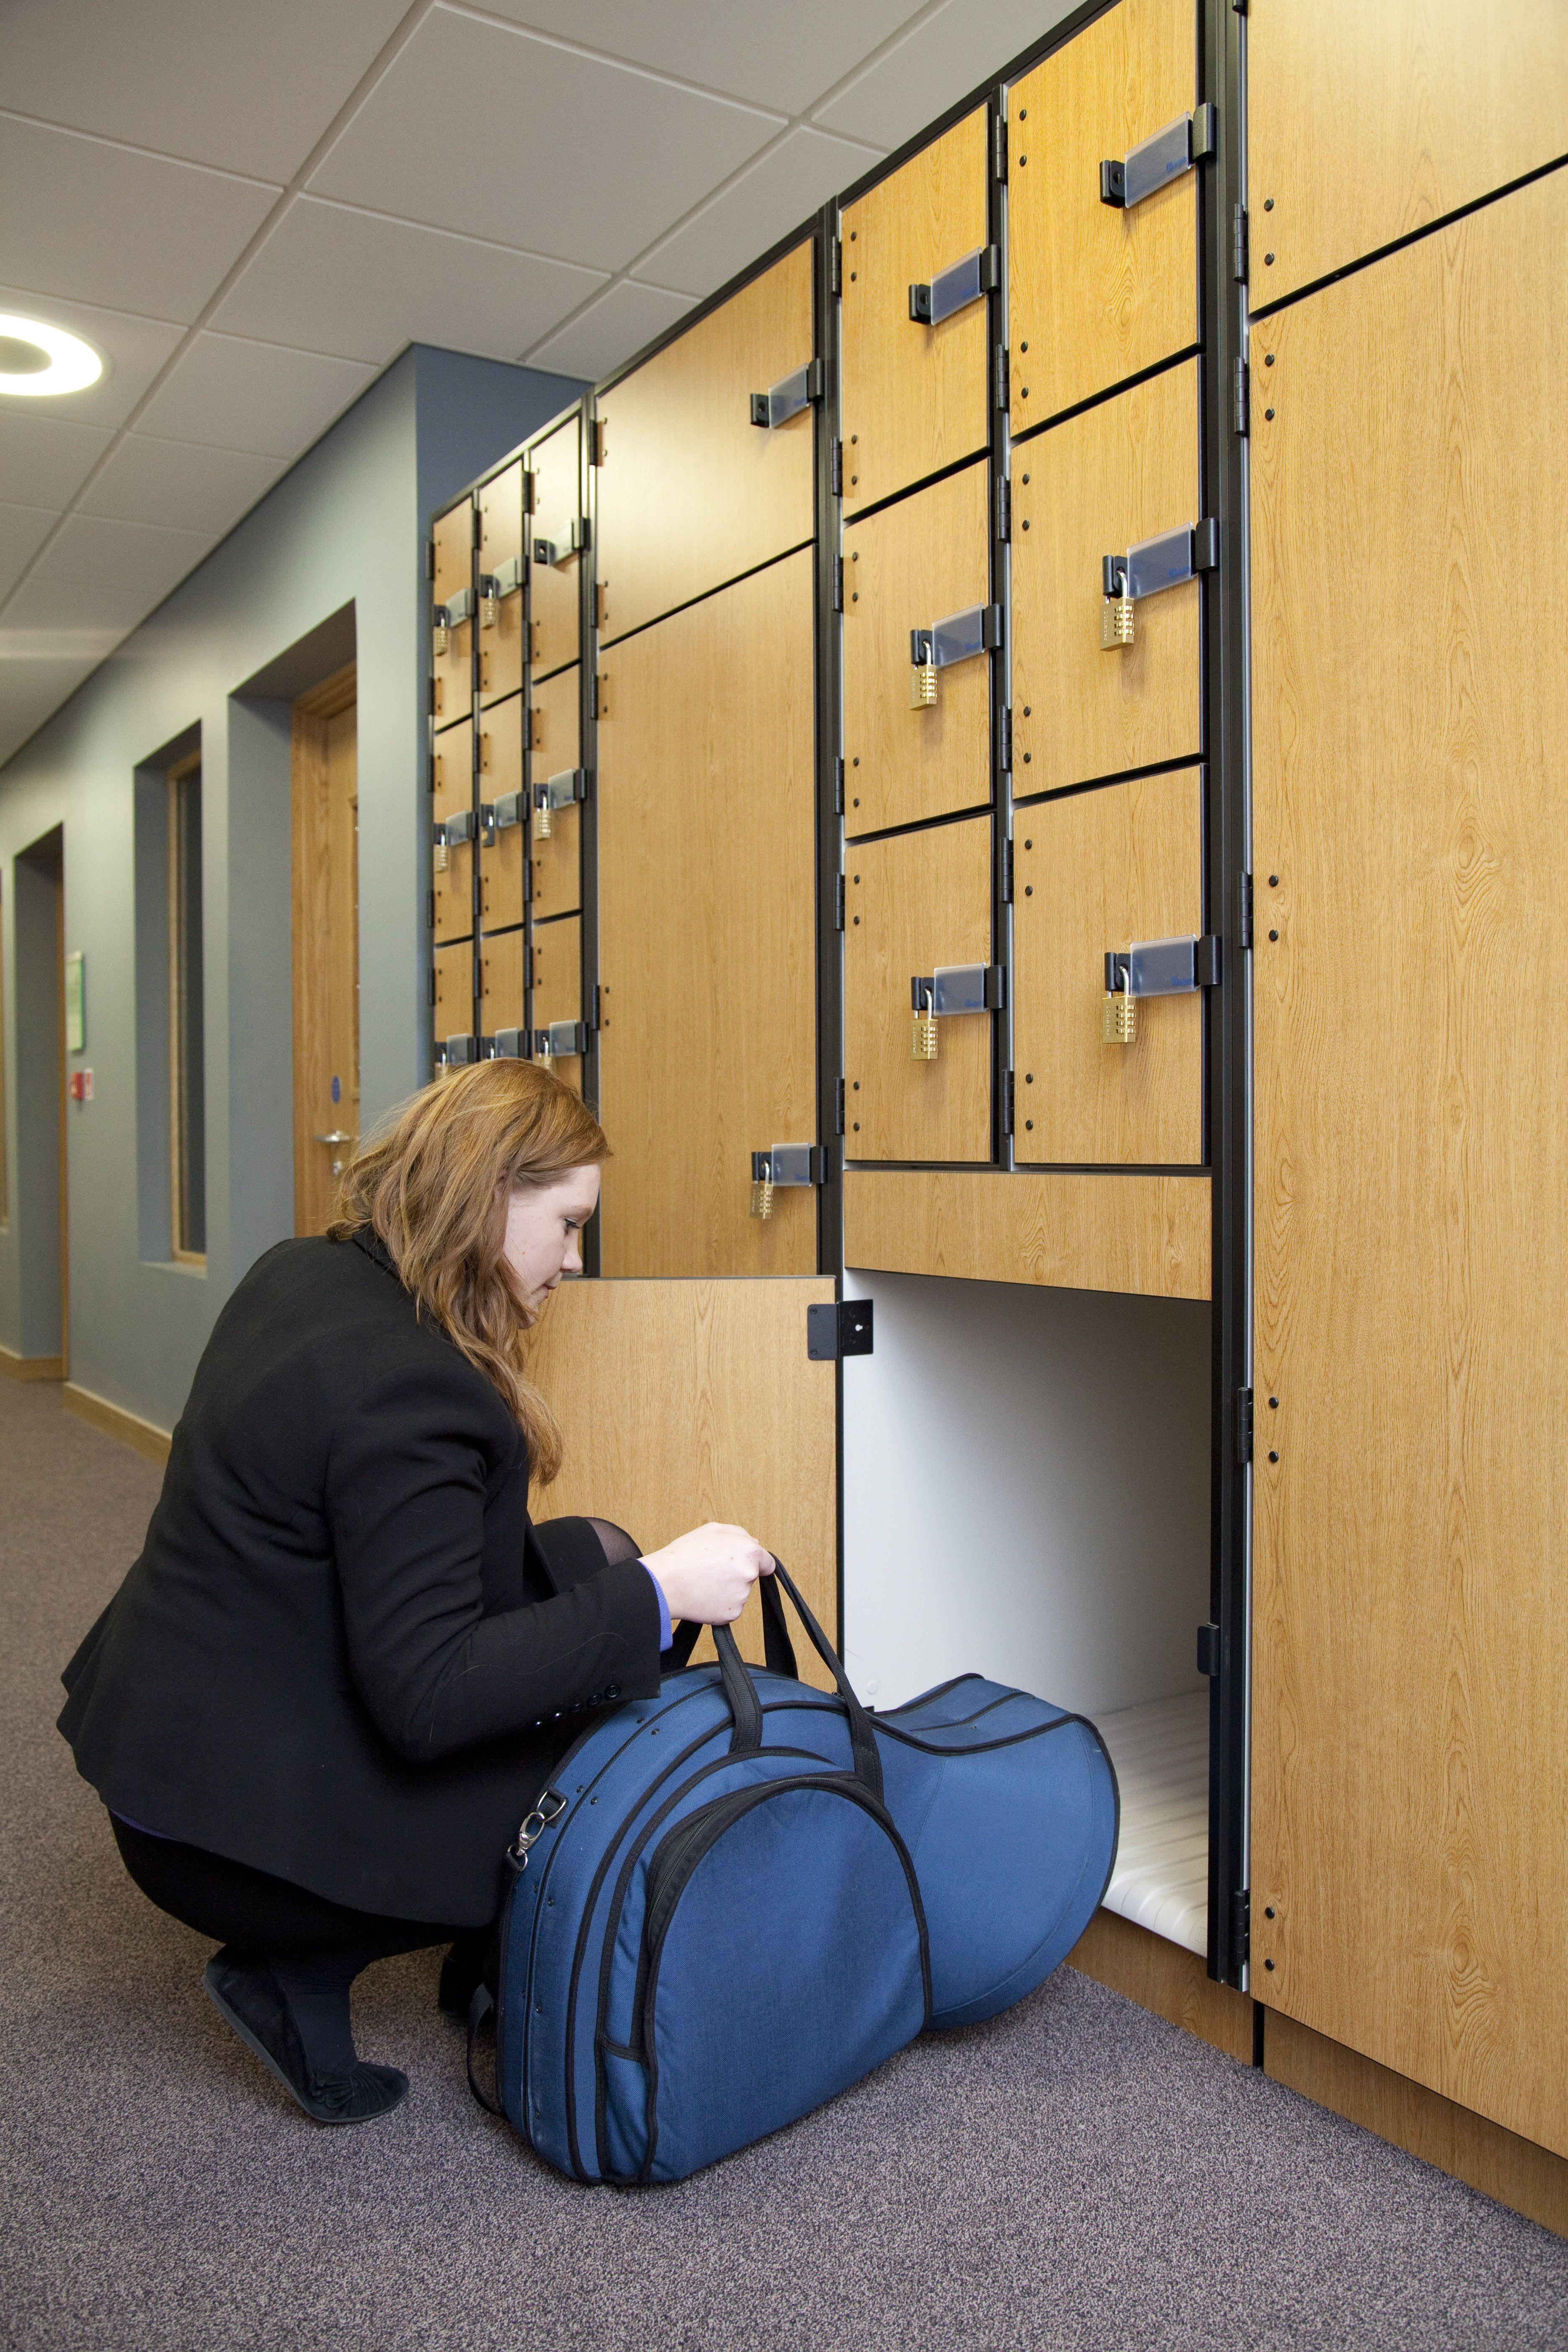 Wenger Instrument Storage Cabinets